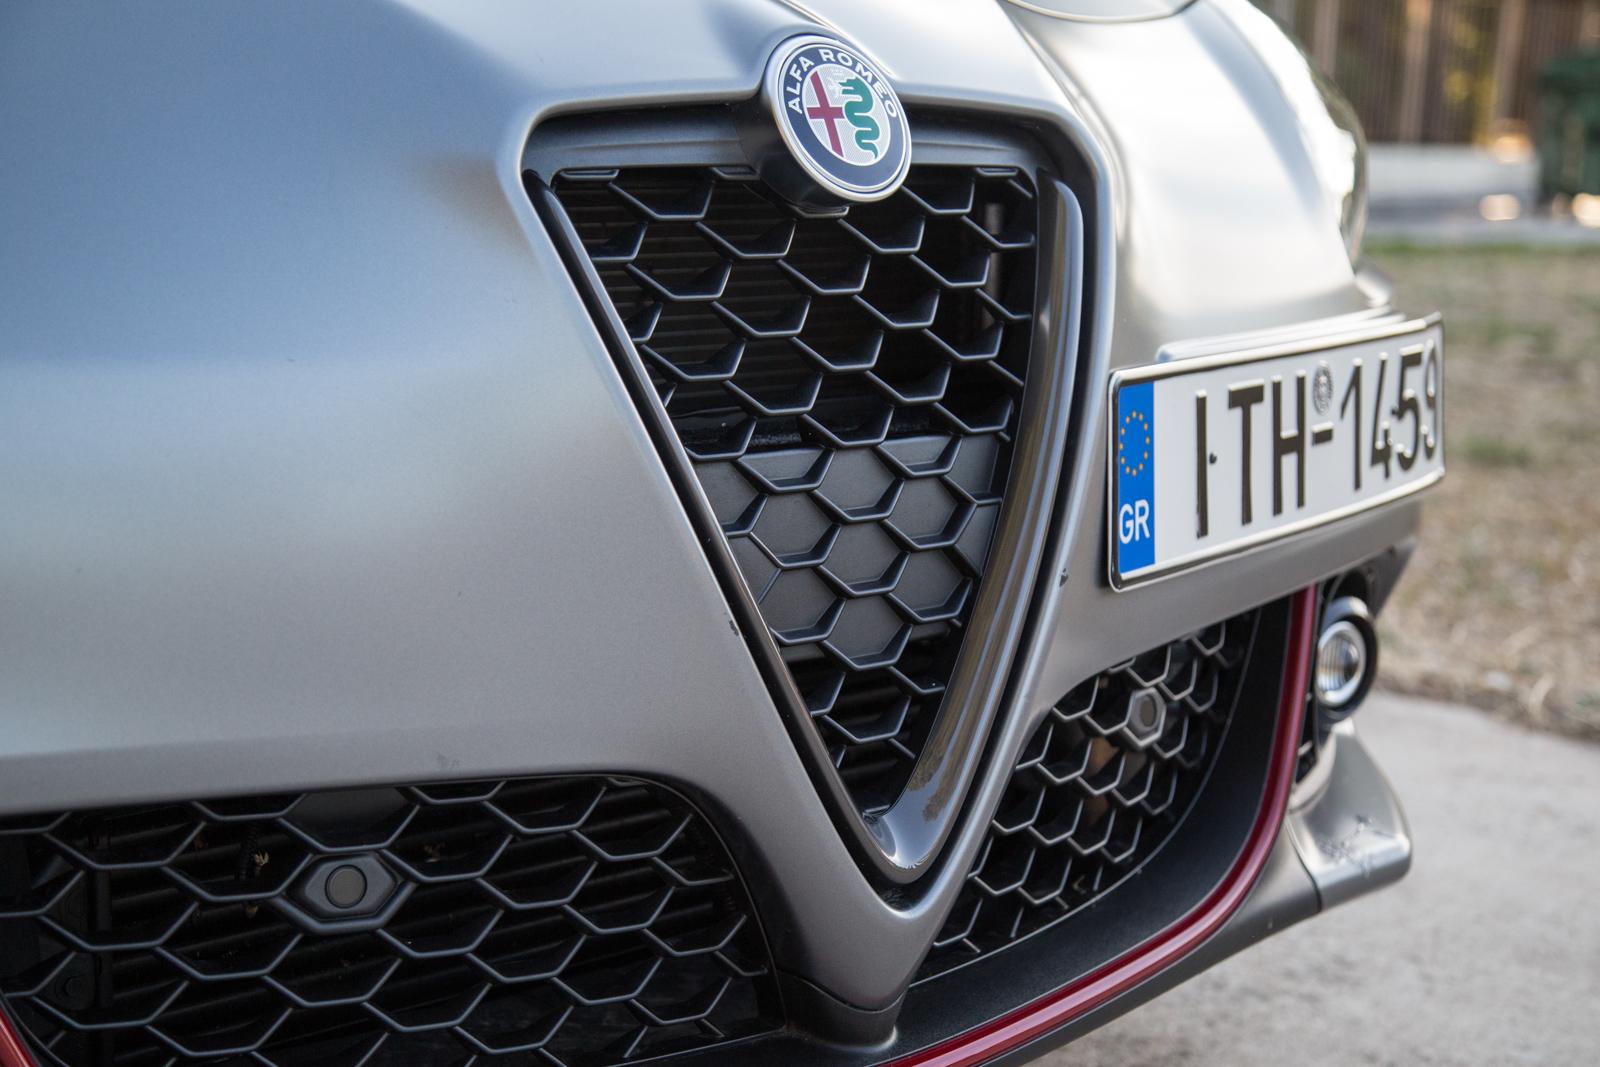 Test_Drive_Alfa_Romeo_Giulietta_TCT_1.6_JTDM-2_17